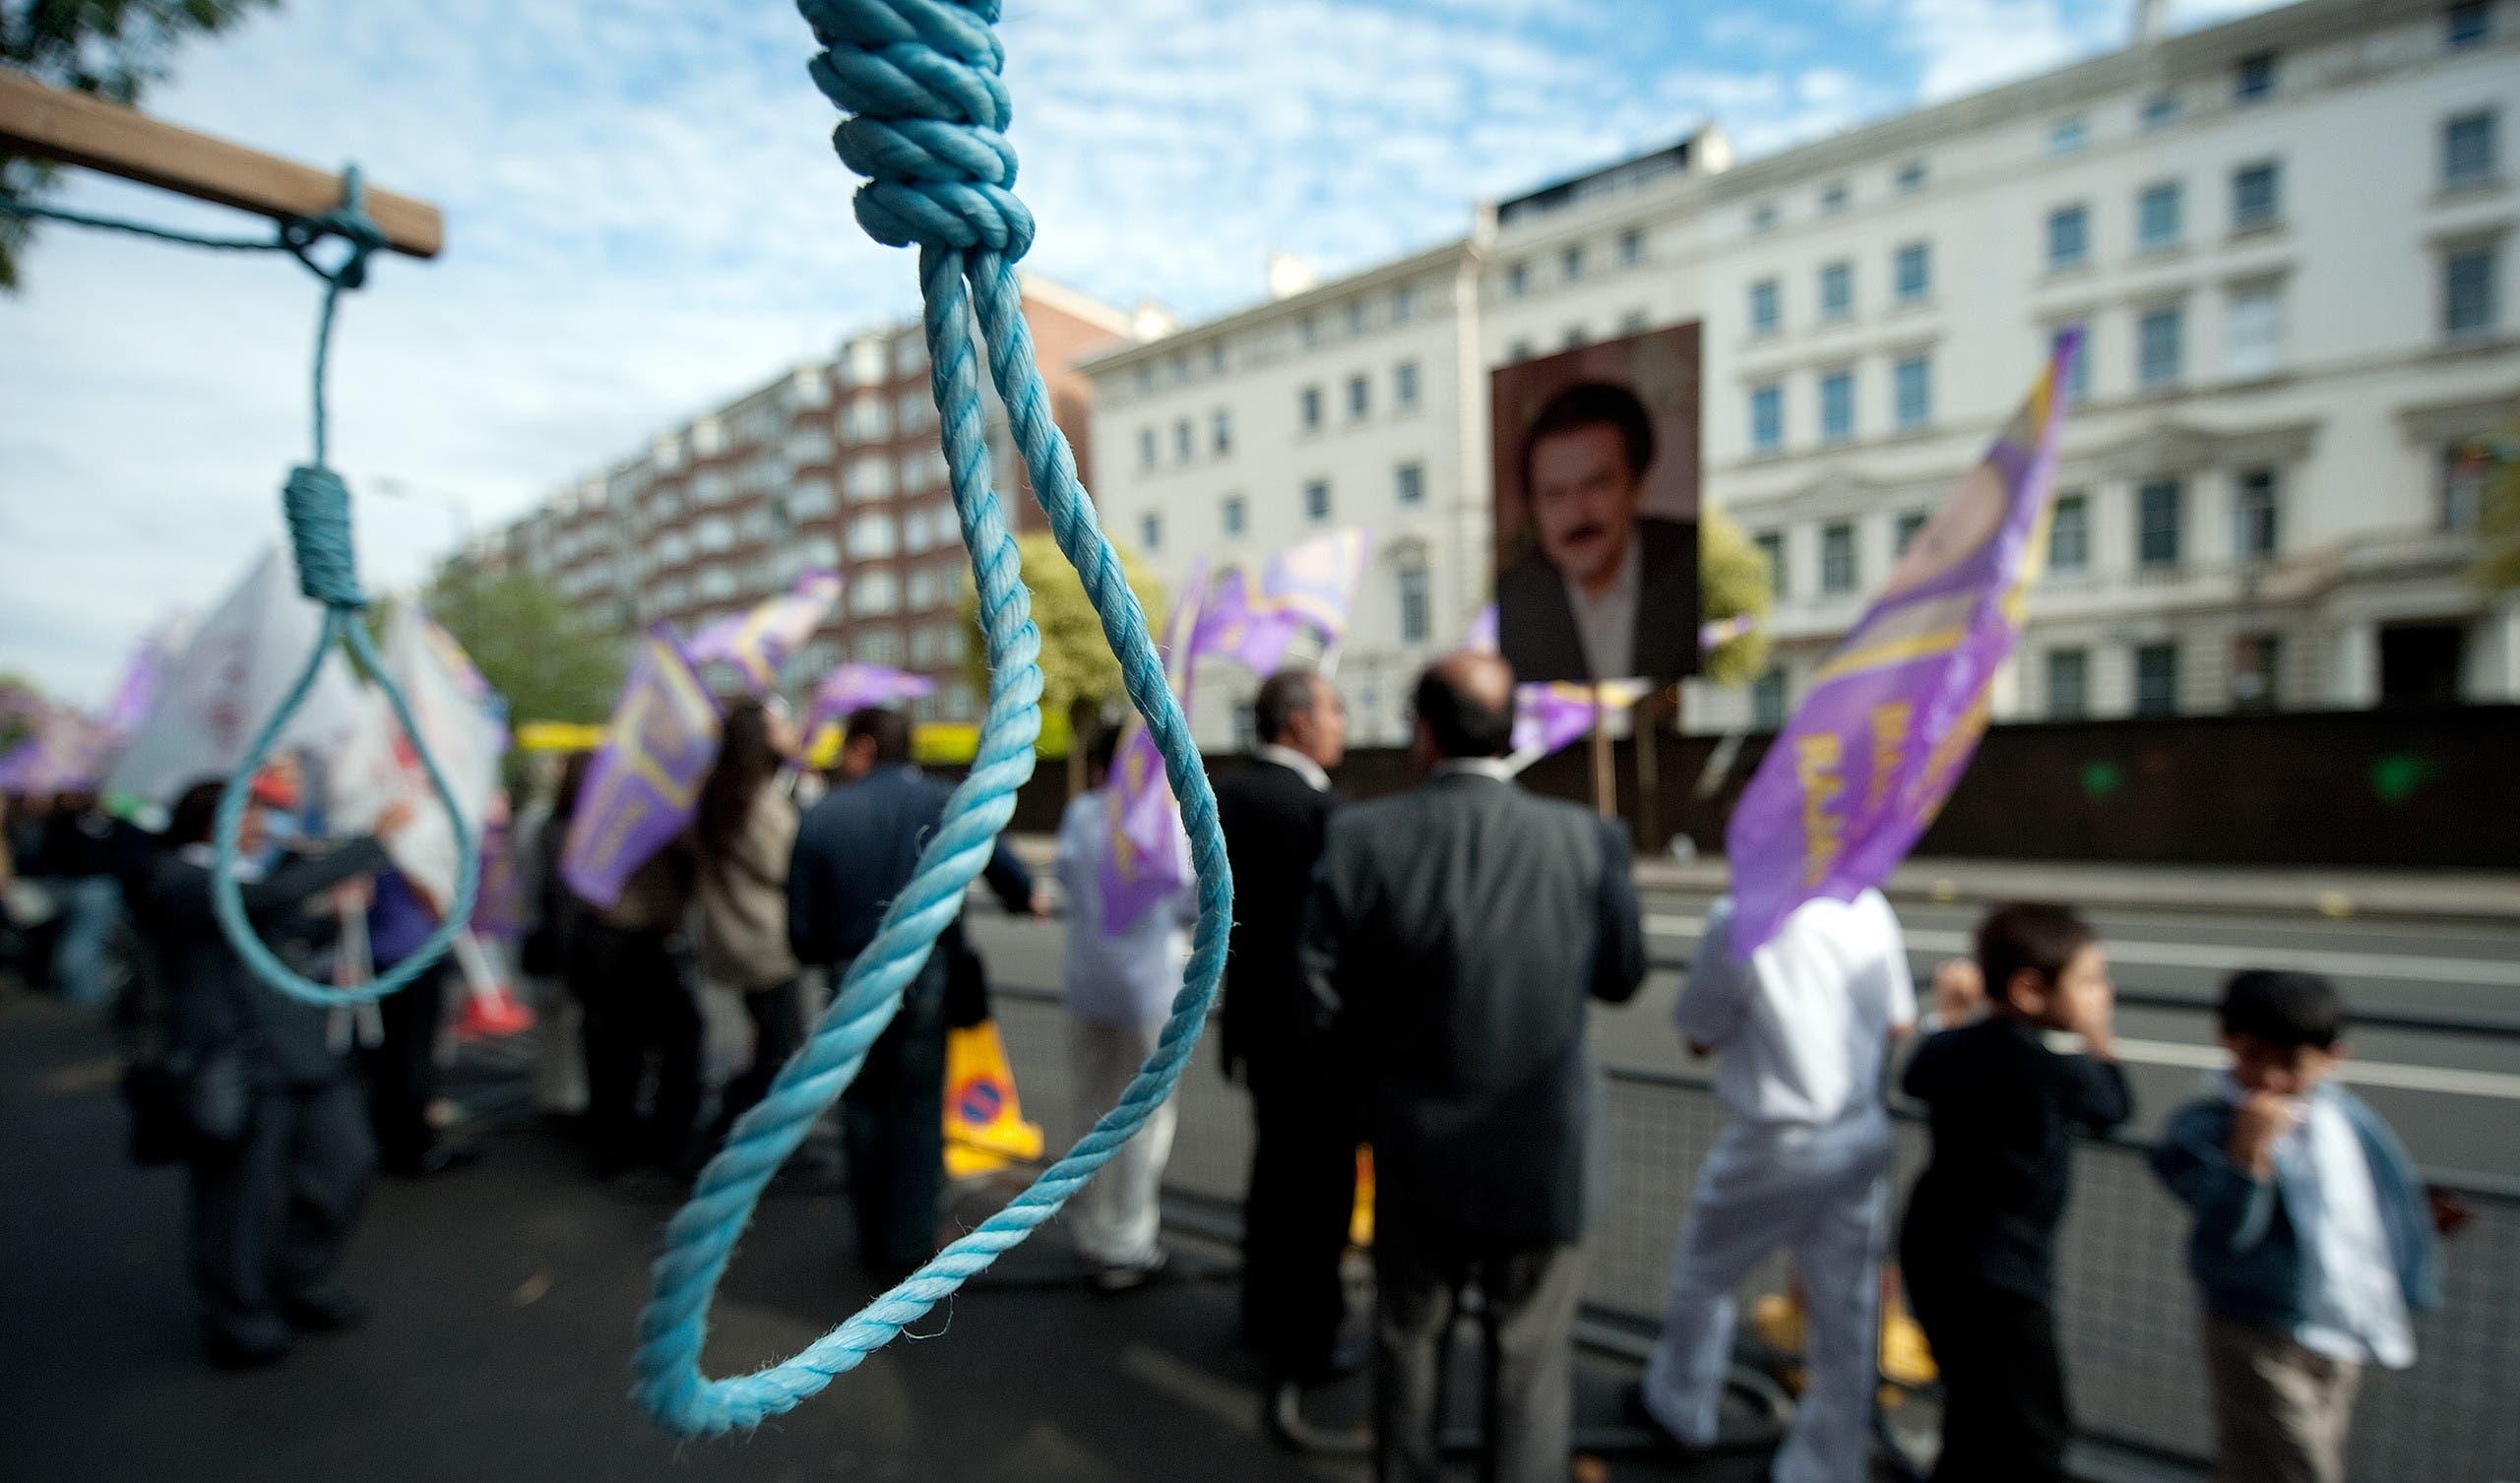 تظاهرة ضد الاعدامات في إيران (أ{شيفية- فرانس برس)